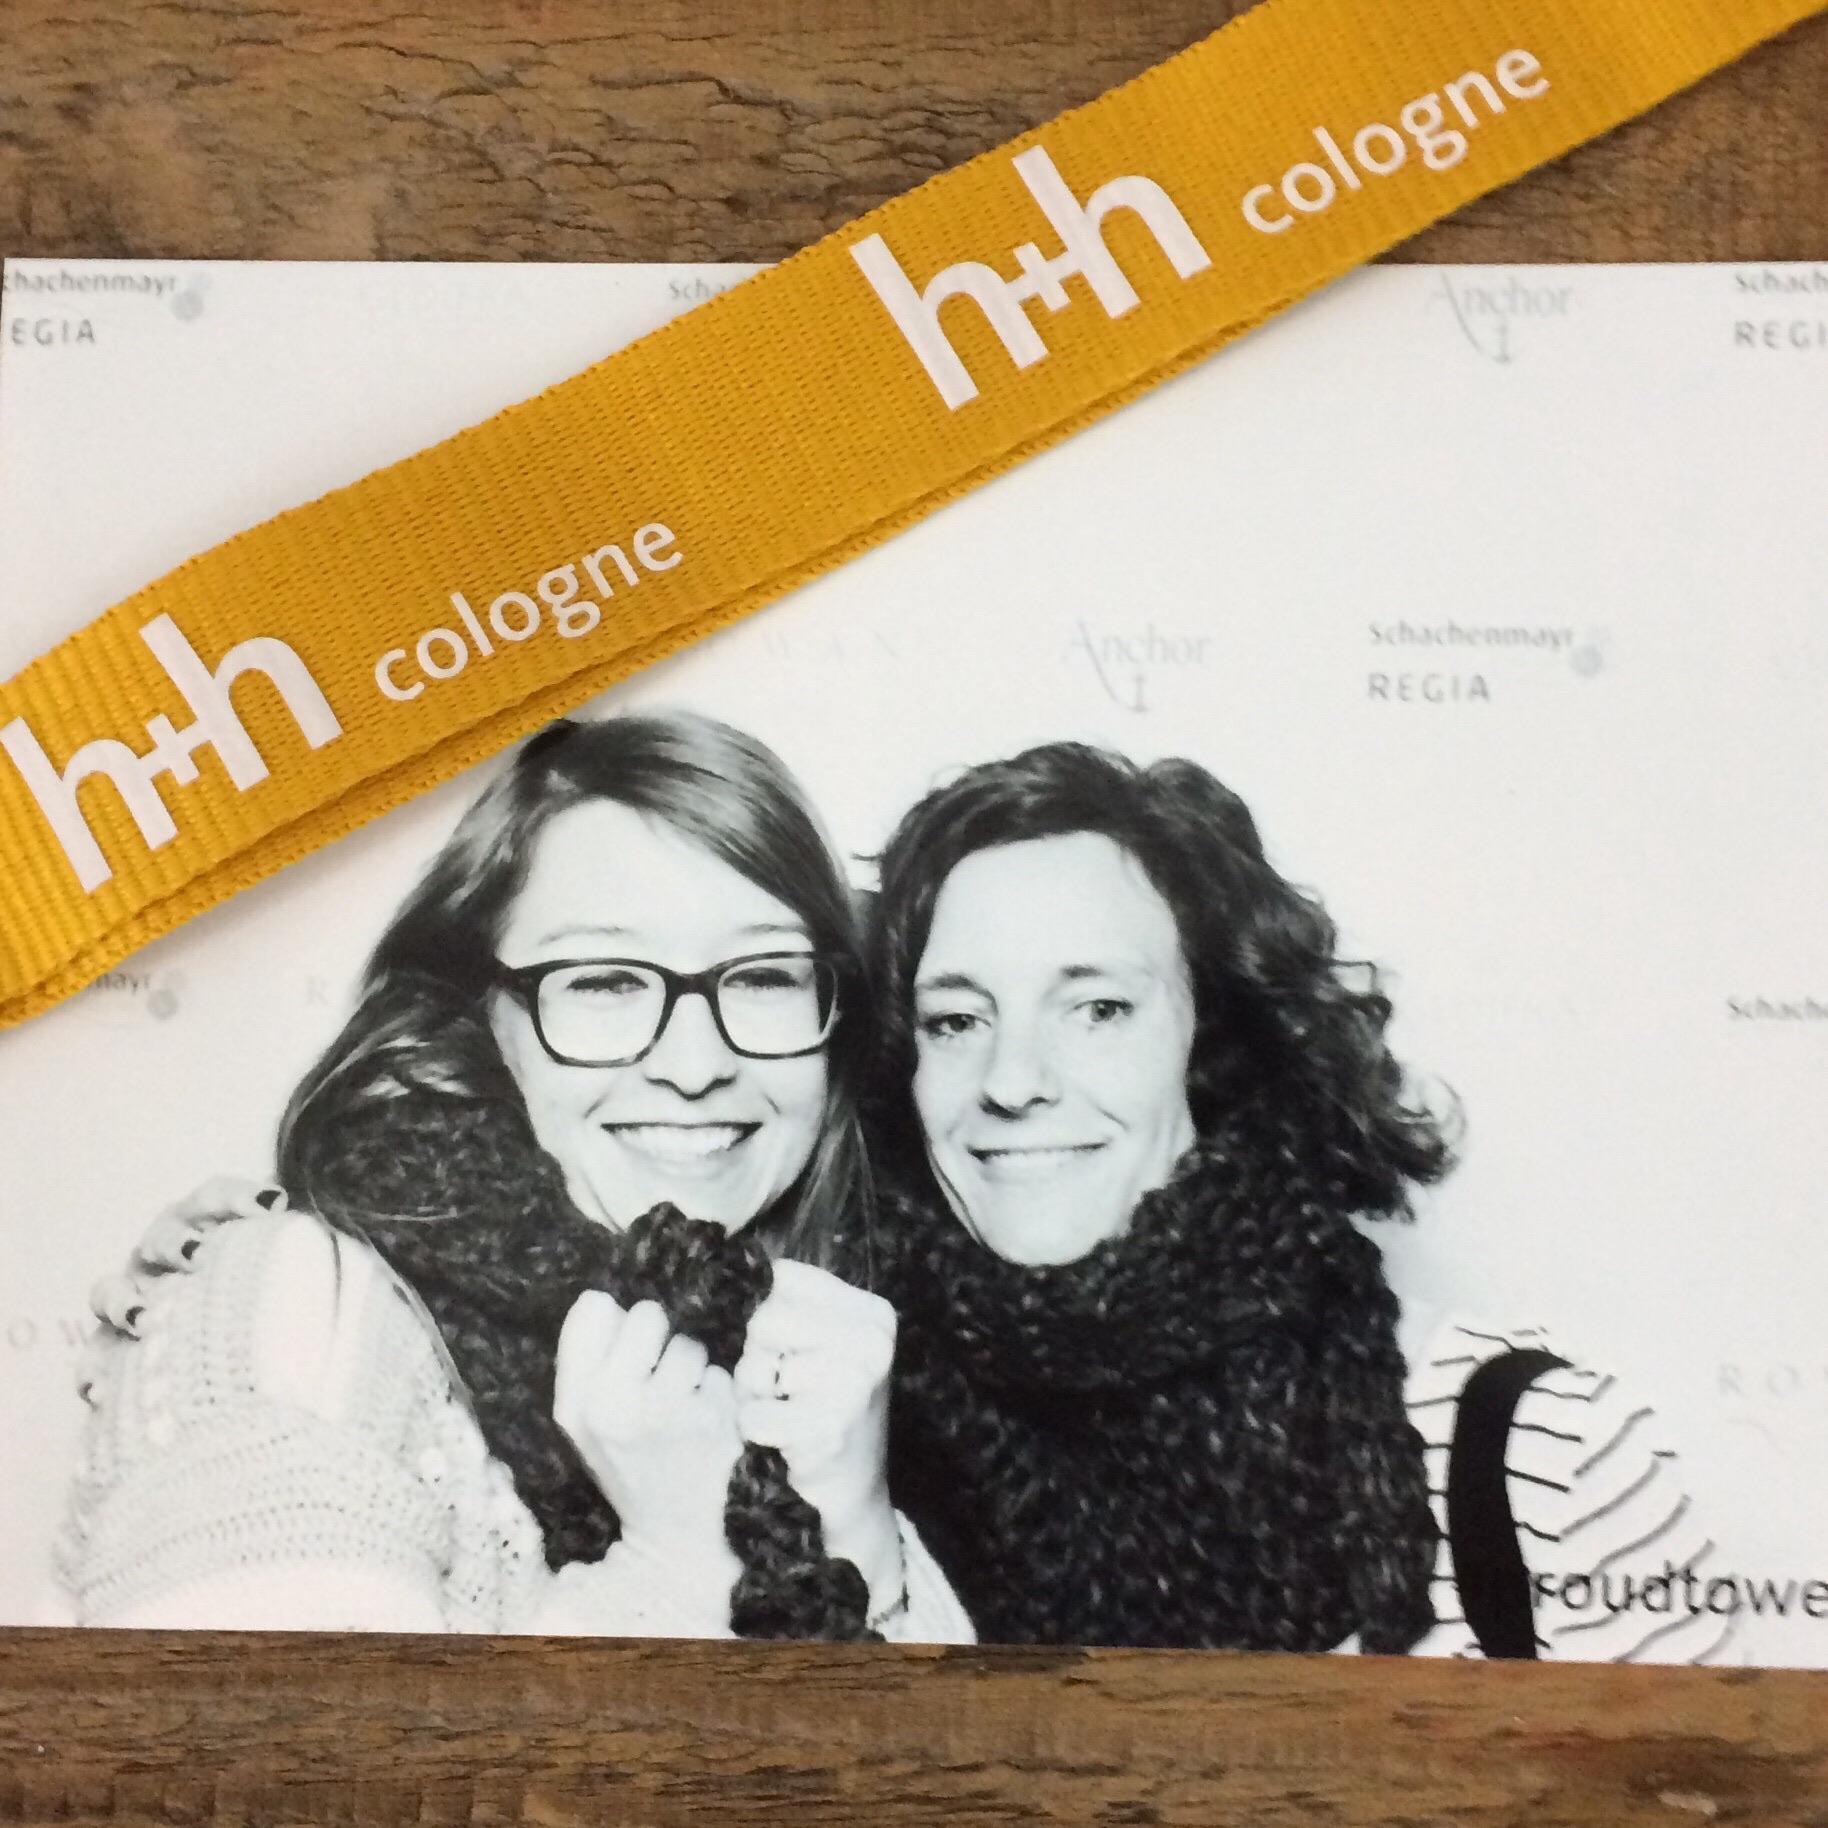 h und h cologne 2018 Messe Handarbeit in Köln